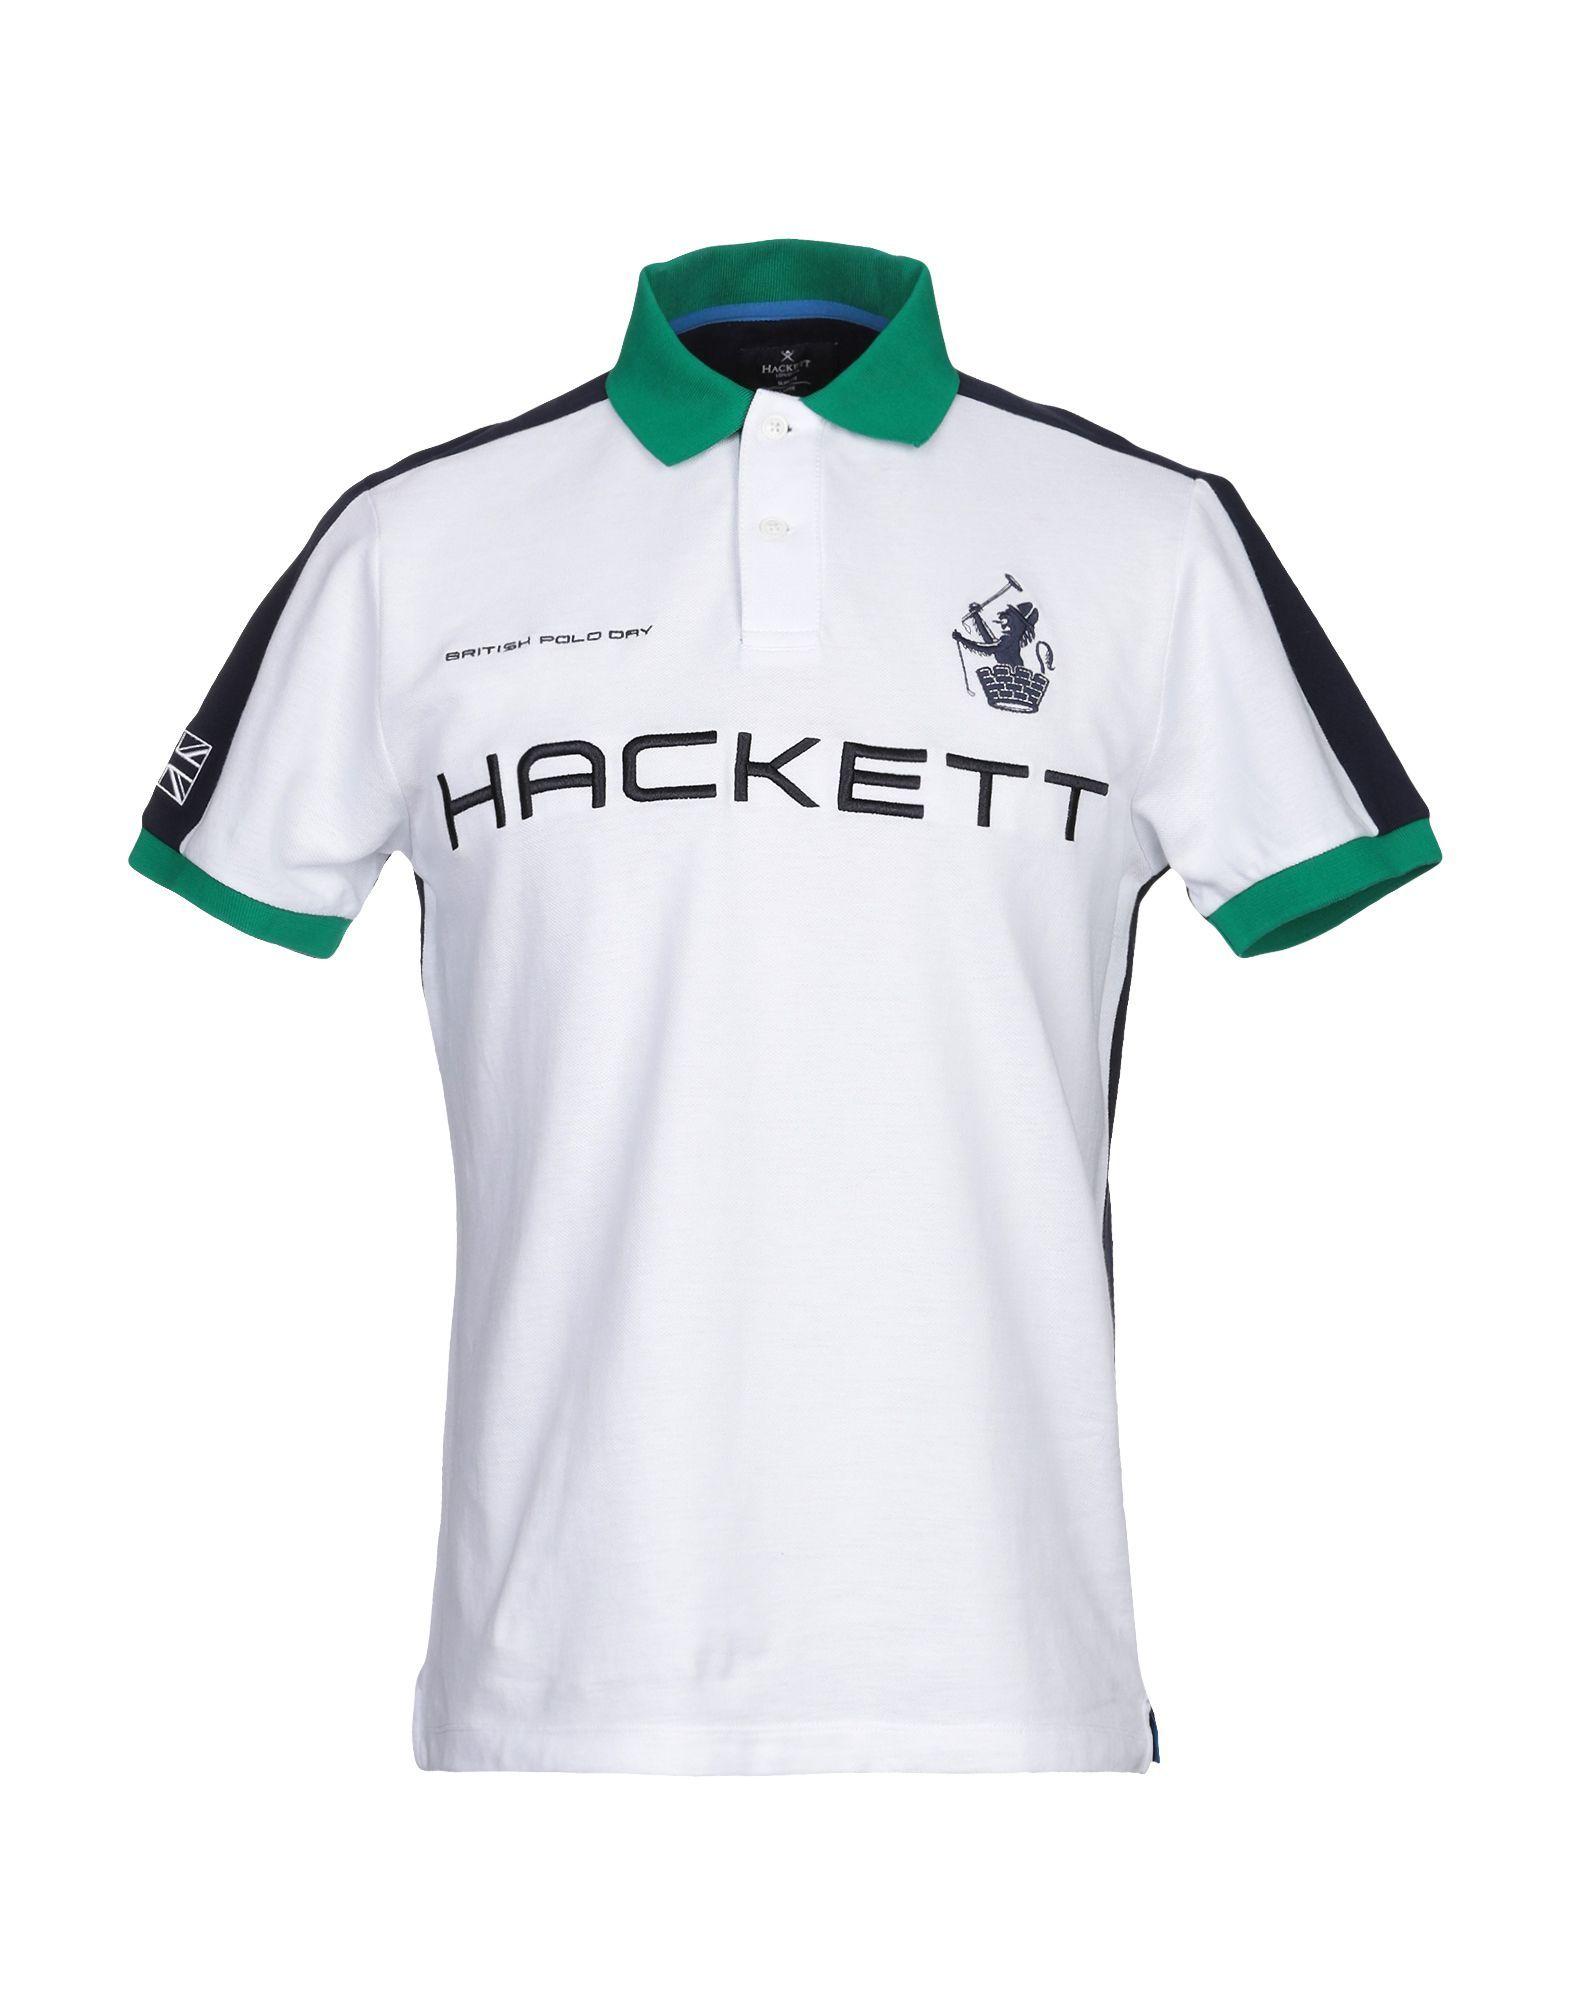 bff6782d7d2 HACKETT POLO SHIRTS. #hackett #cloth | Hackett in 2019 | Polo, Polo ...